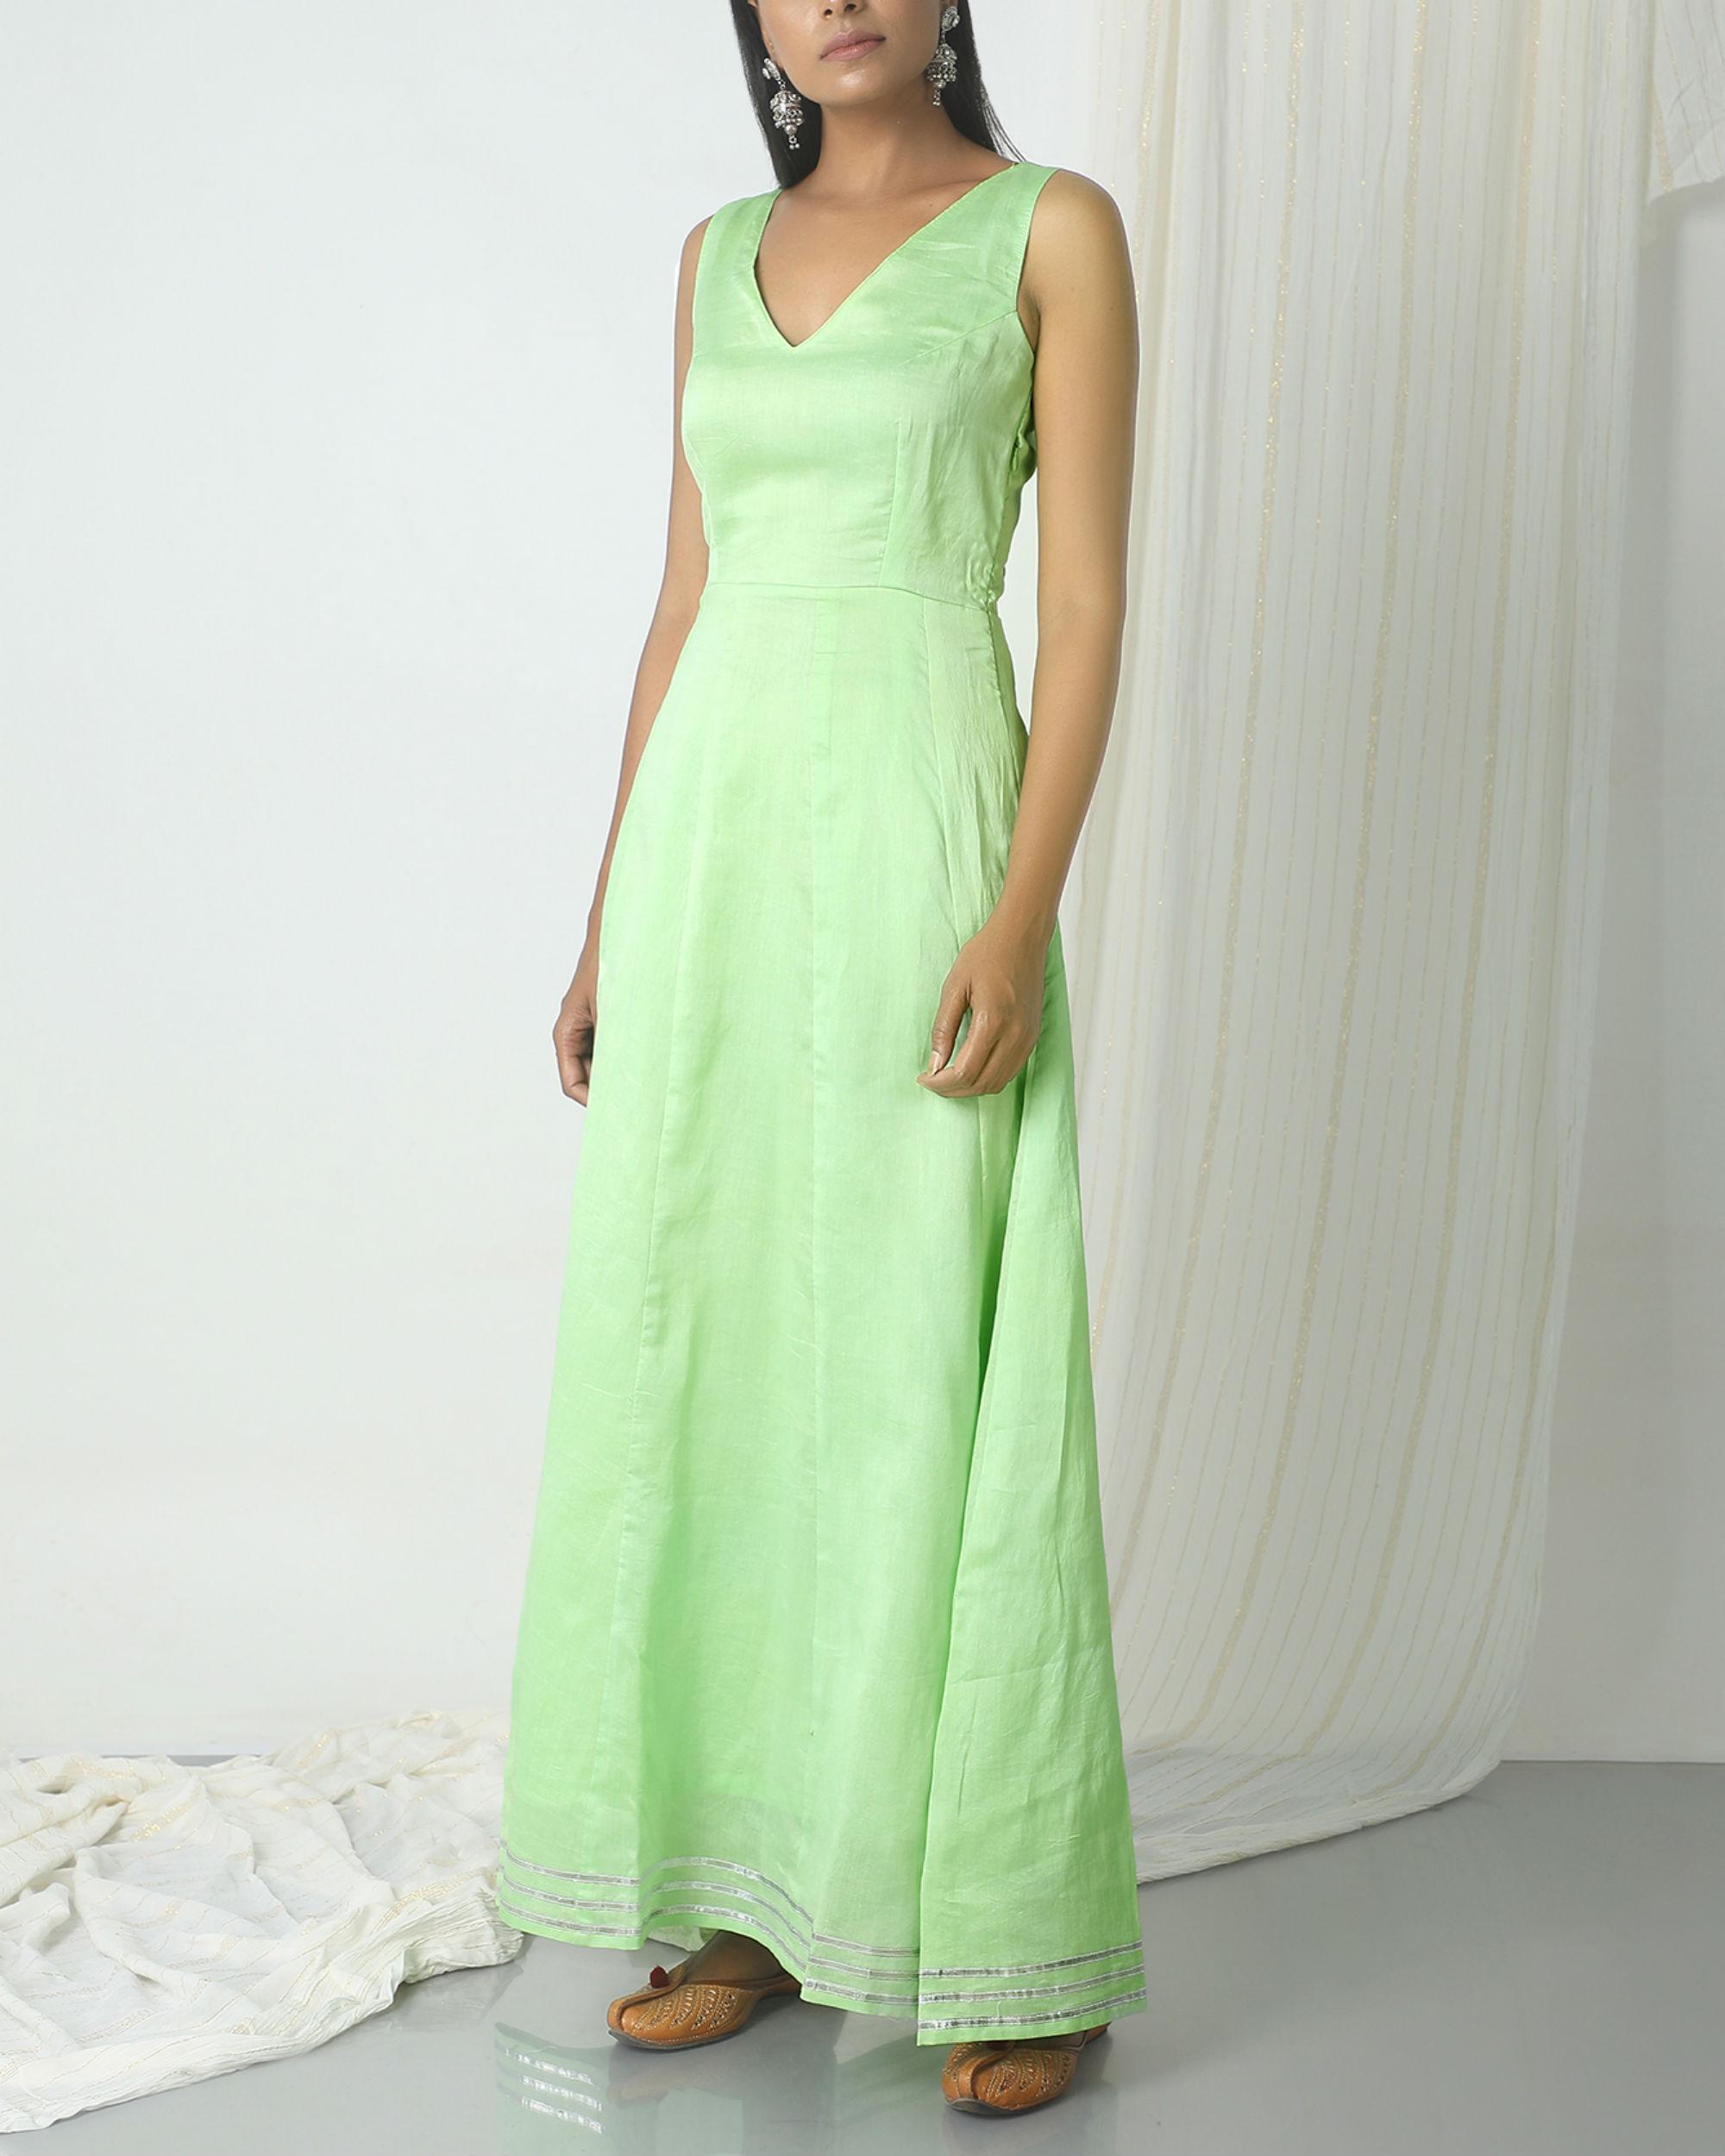 Mint green gota dress